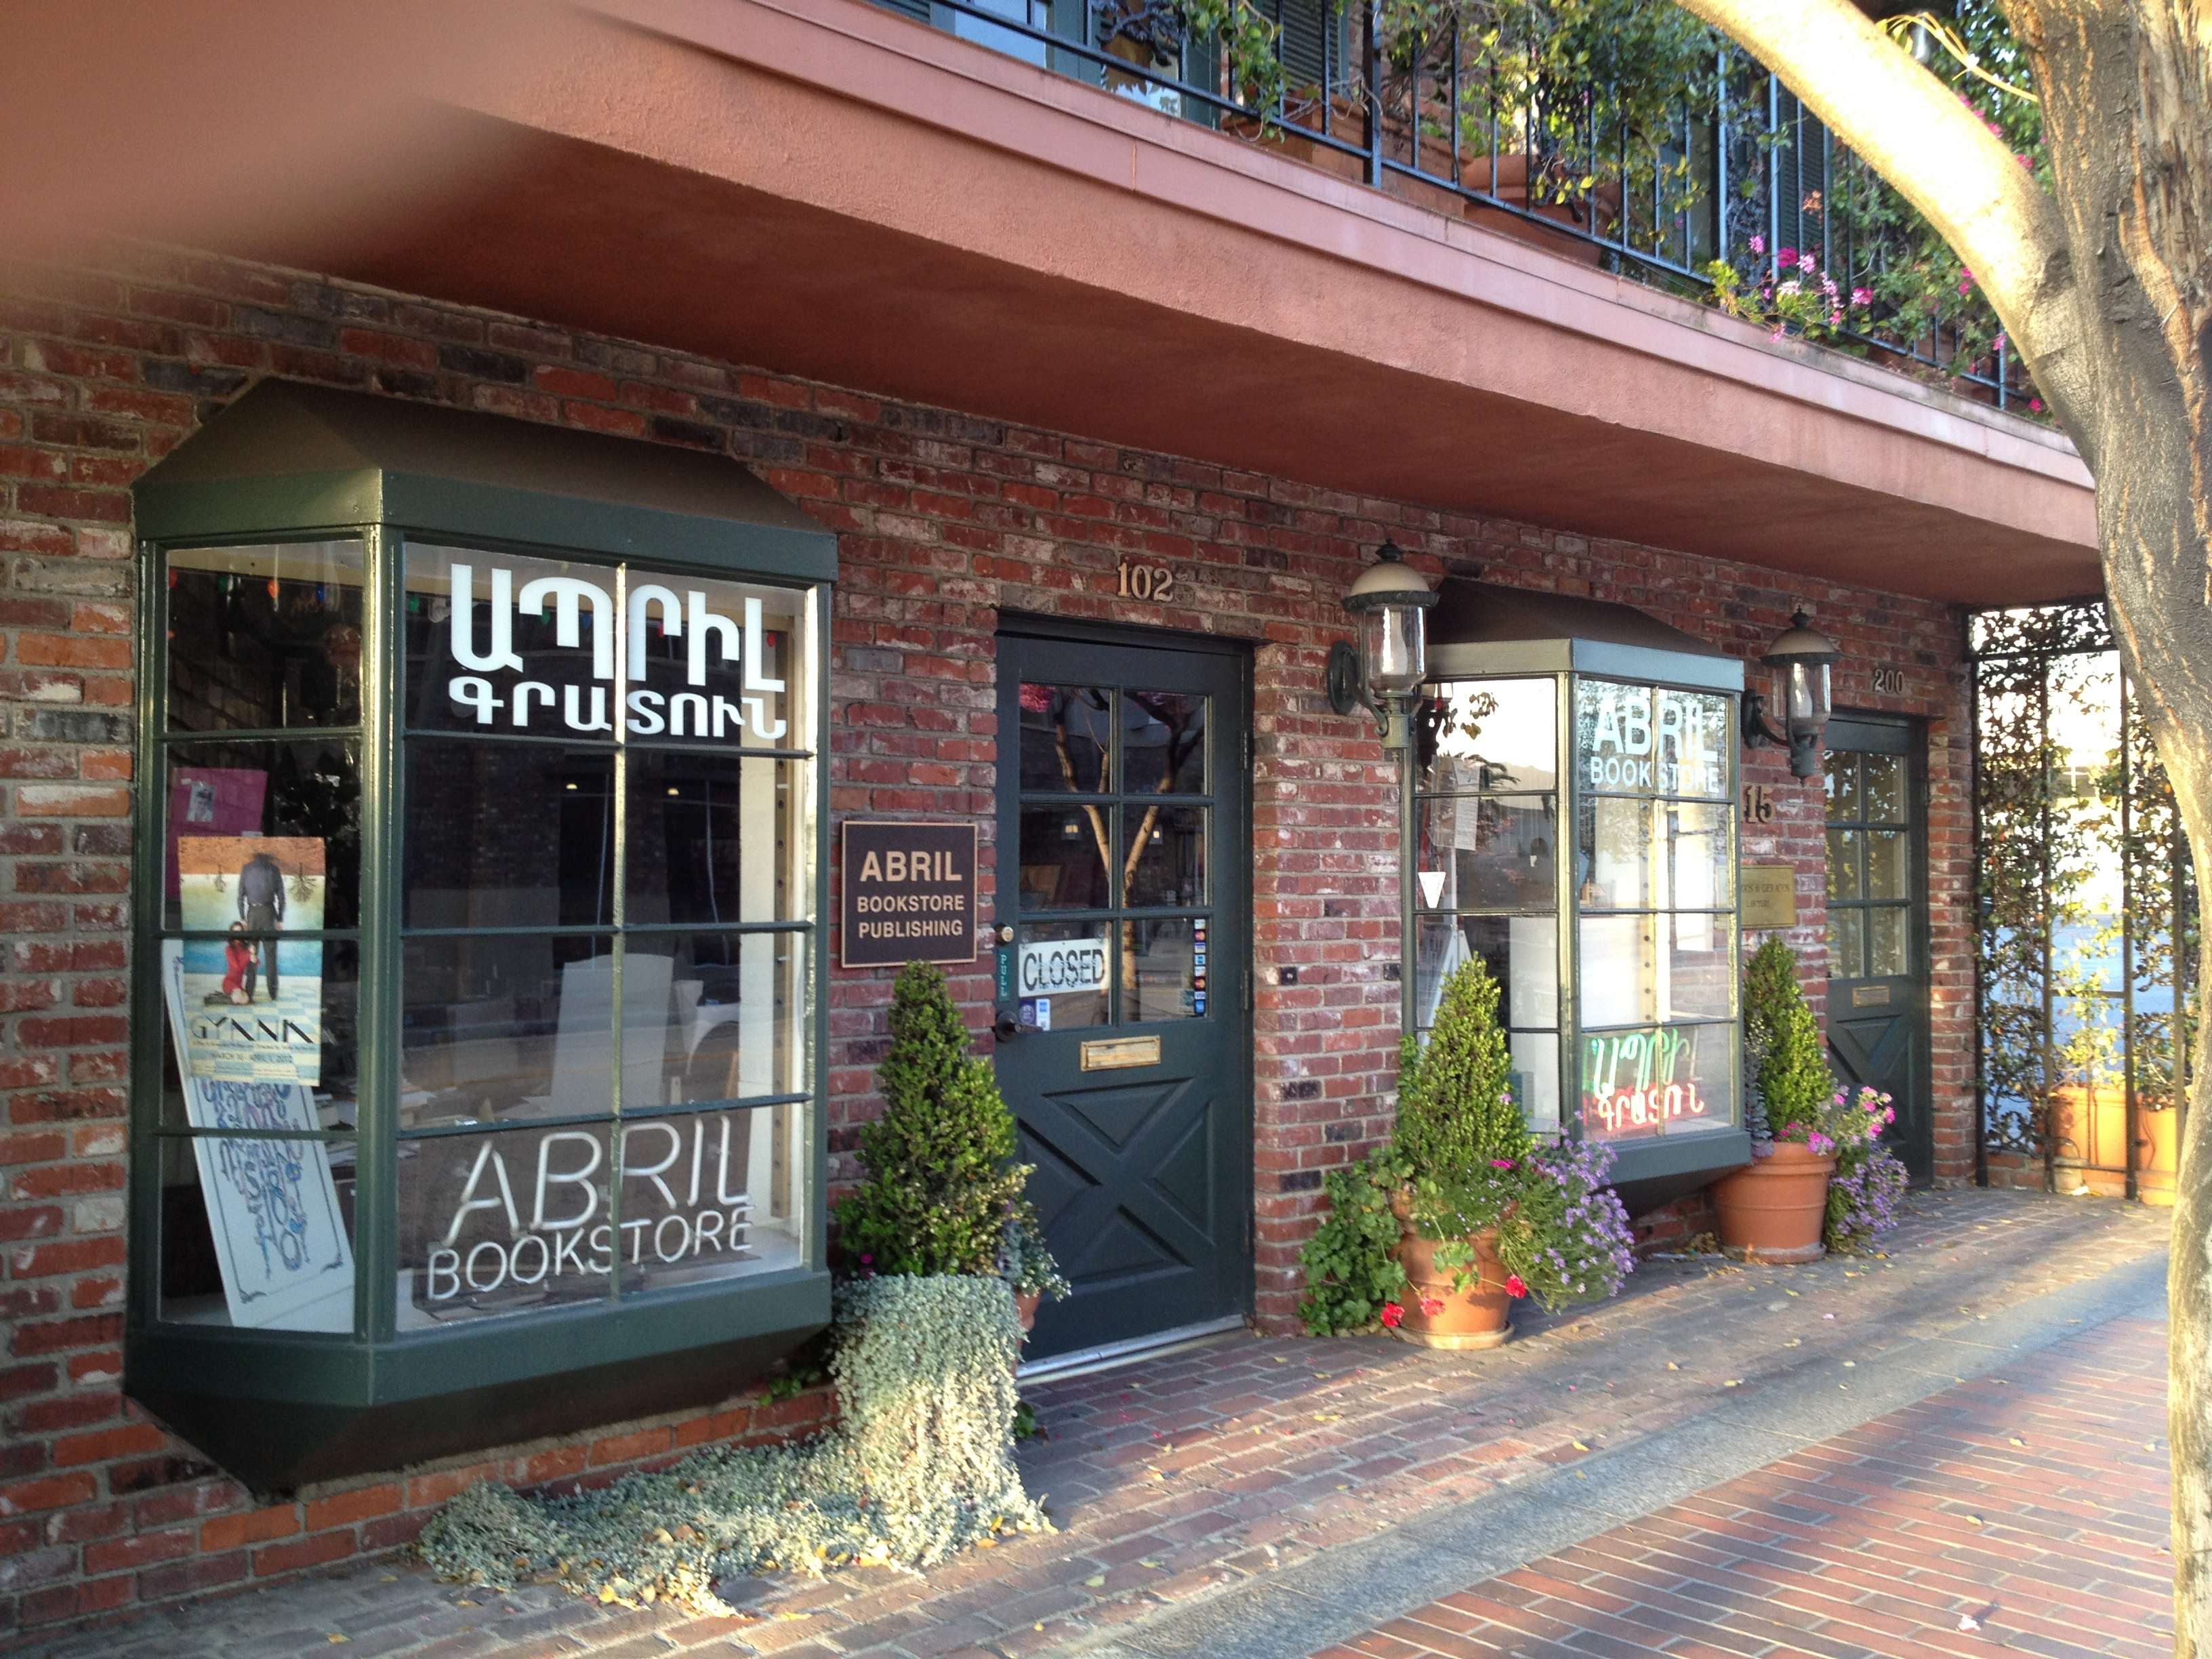 Abril Armenian Book Store 415 E Broadway Ste 102, Glendale